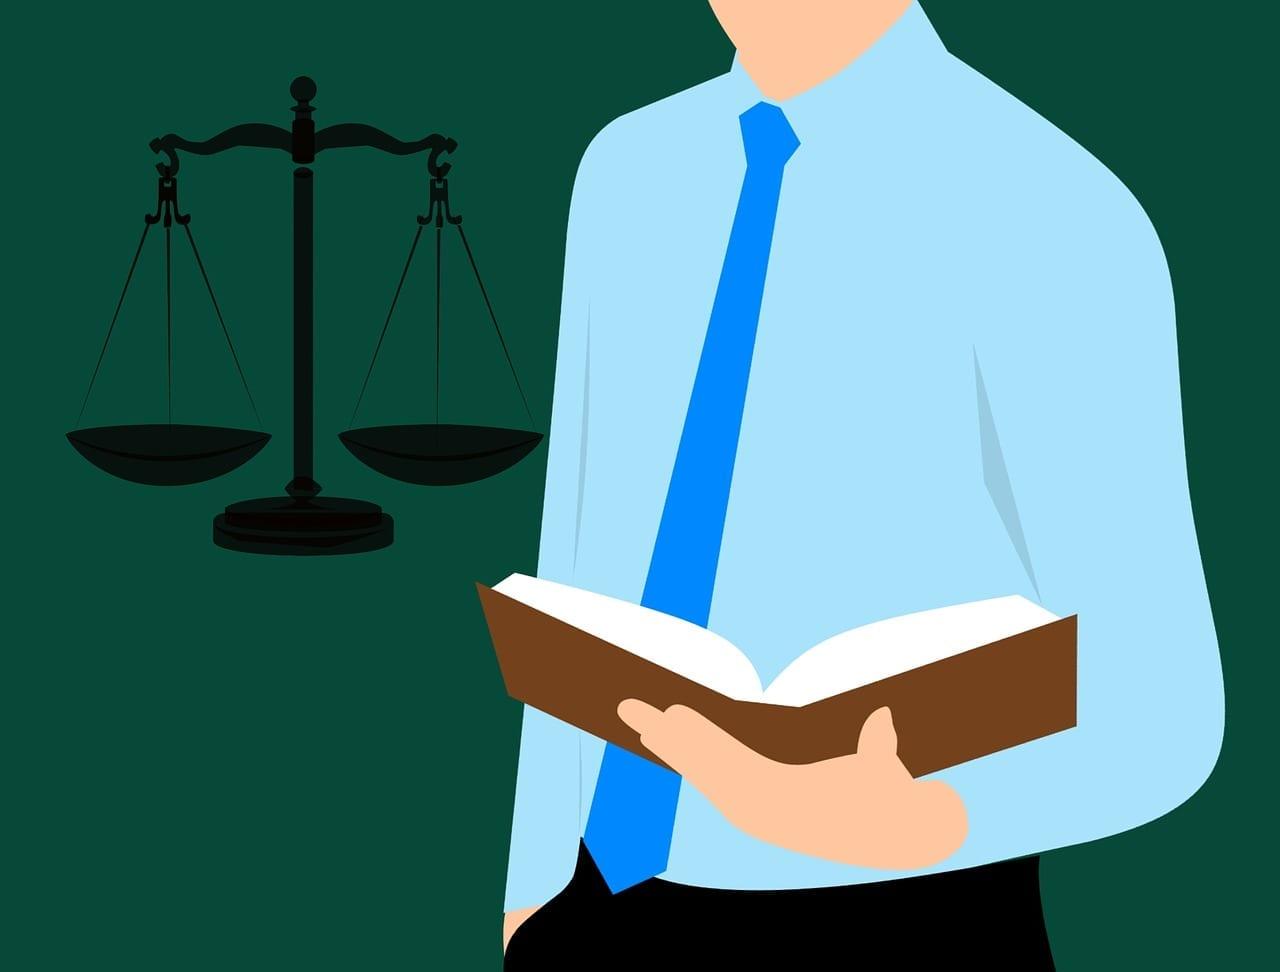 Lei das SA - Sociedades anônimas